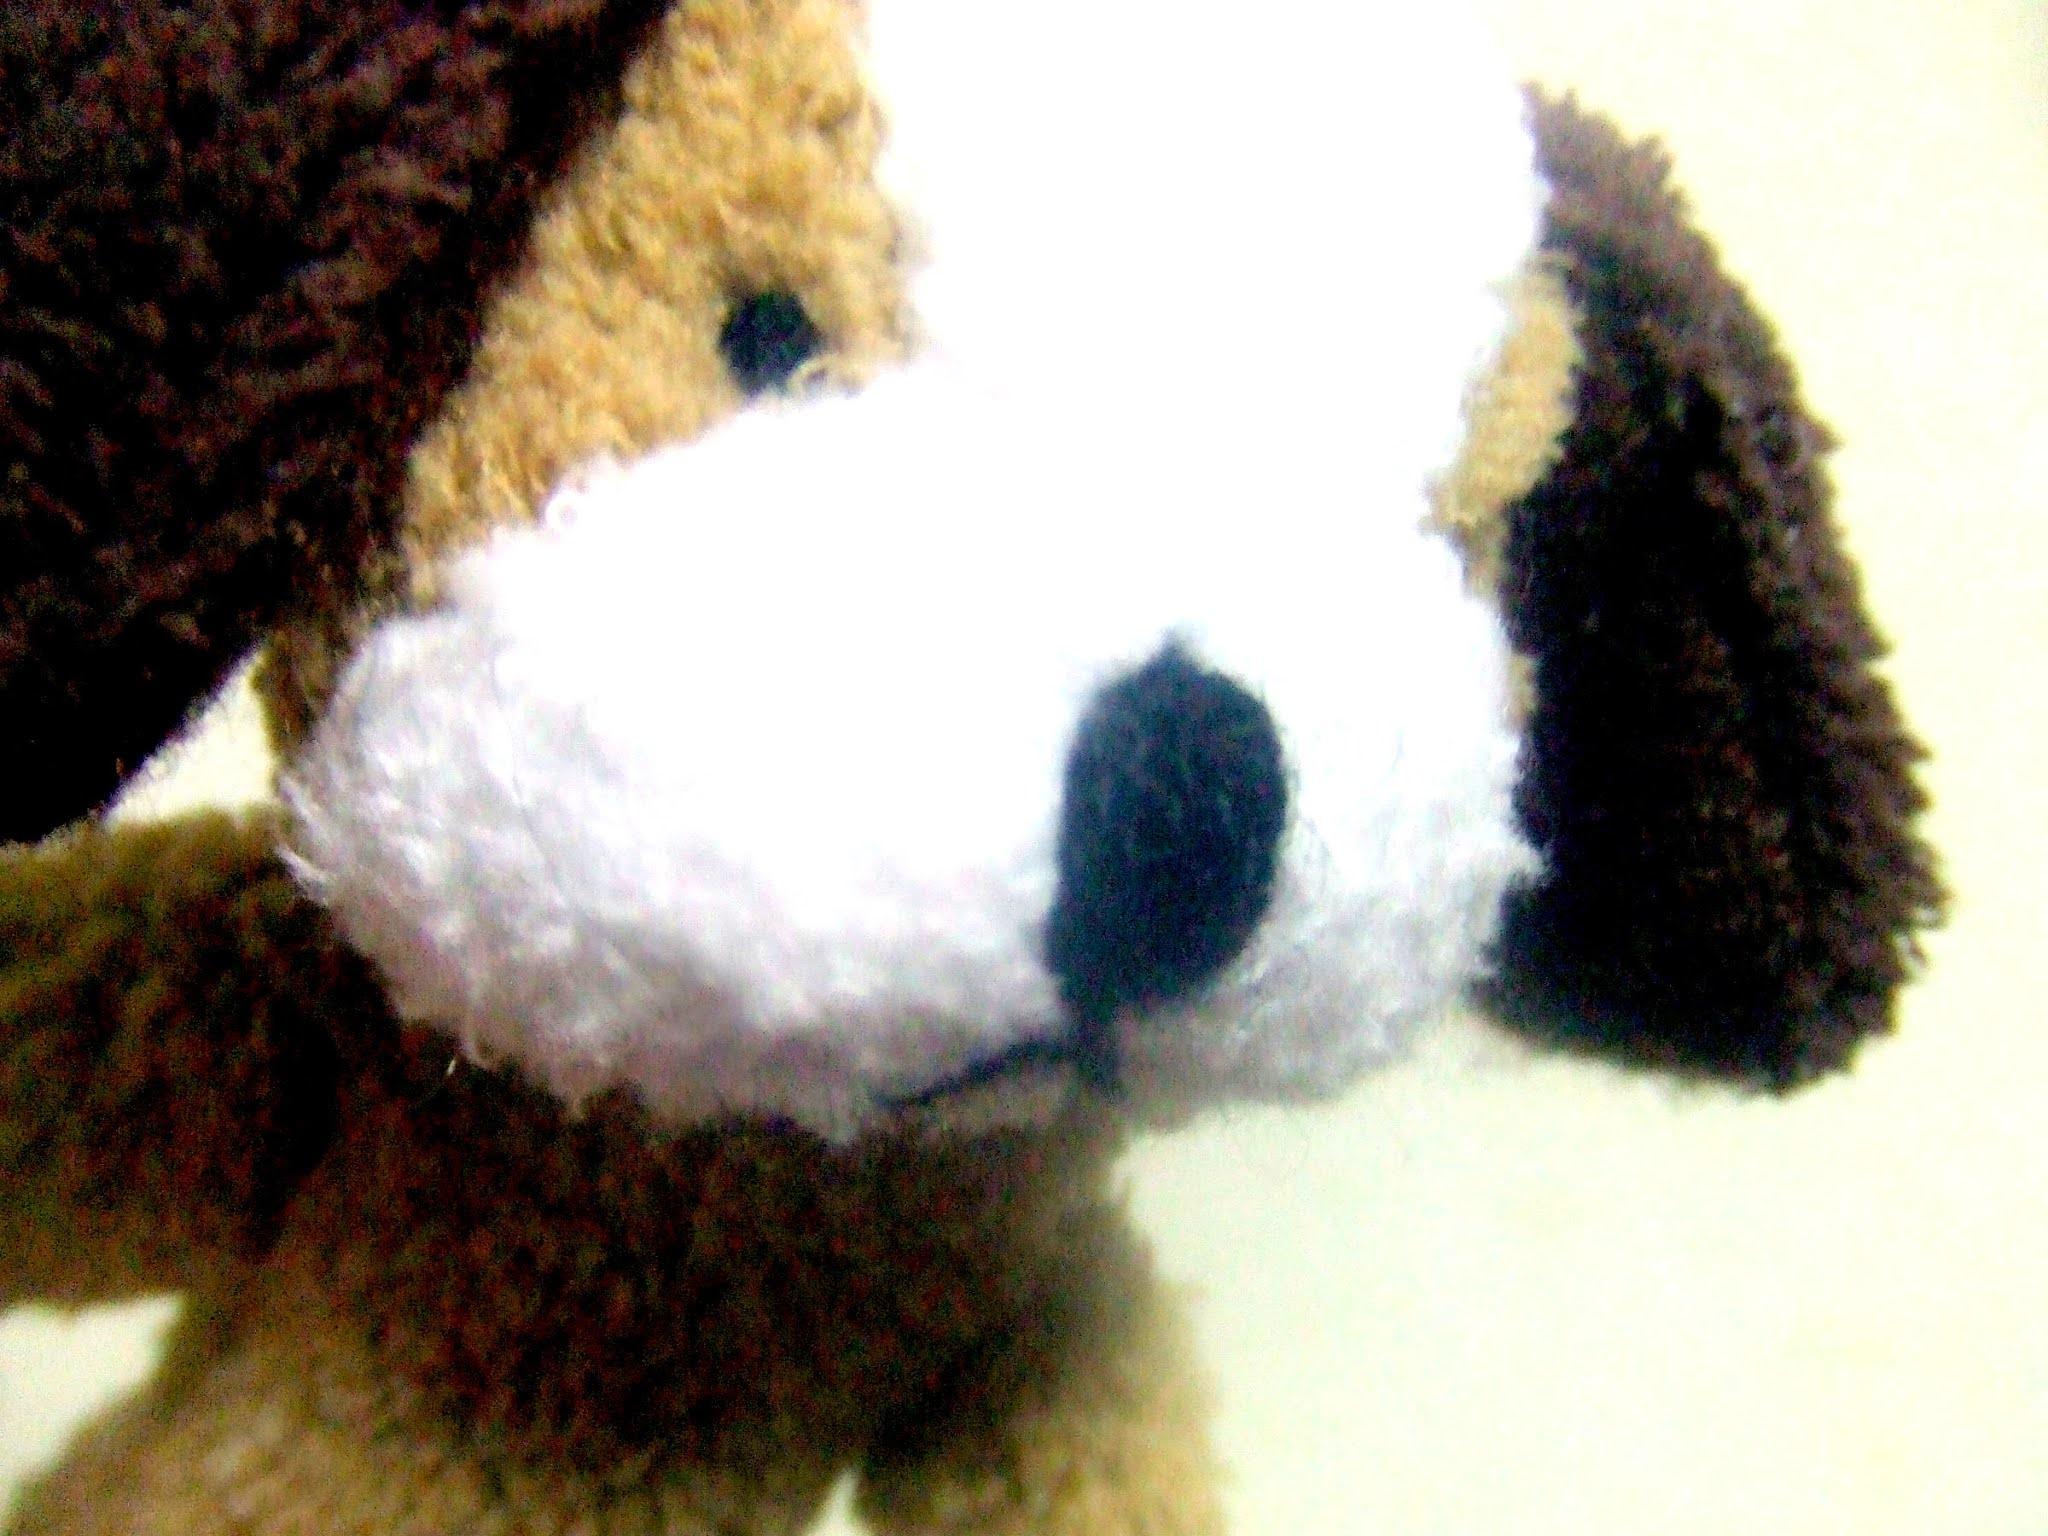 イヌの指人形のぬいぐるみのドアップです。いぬ